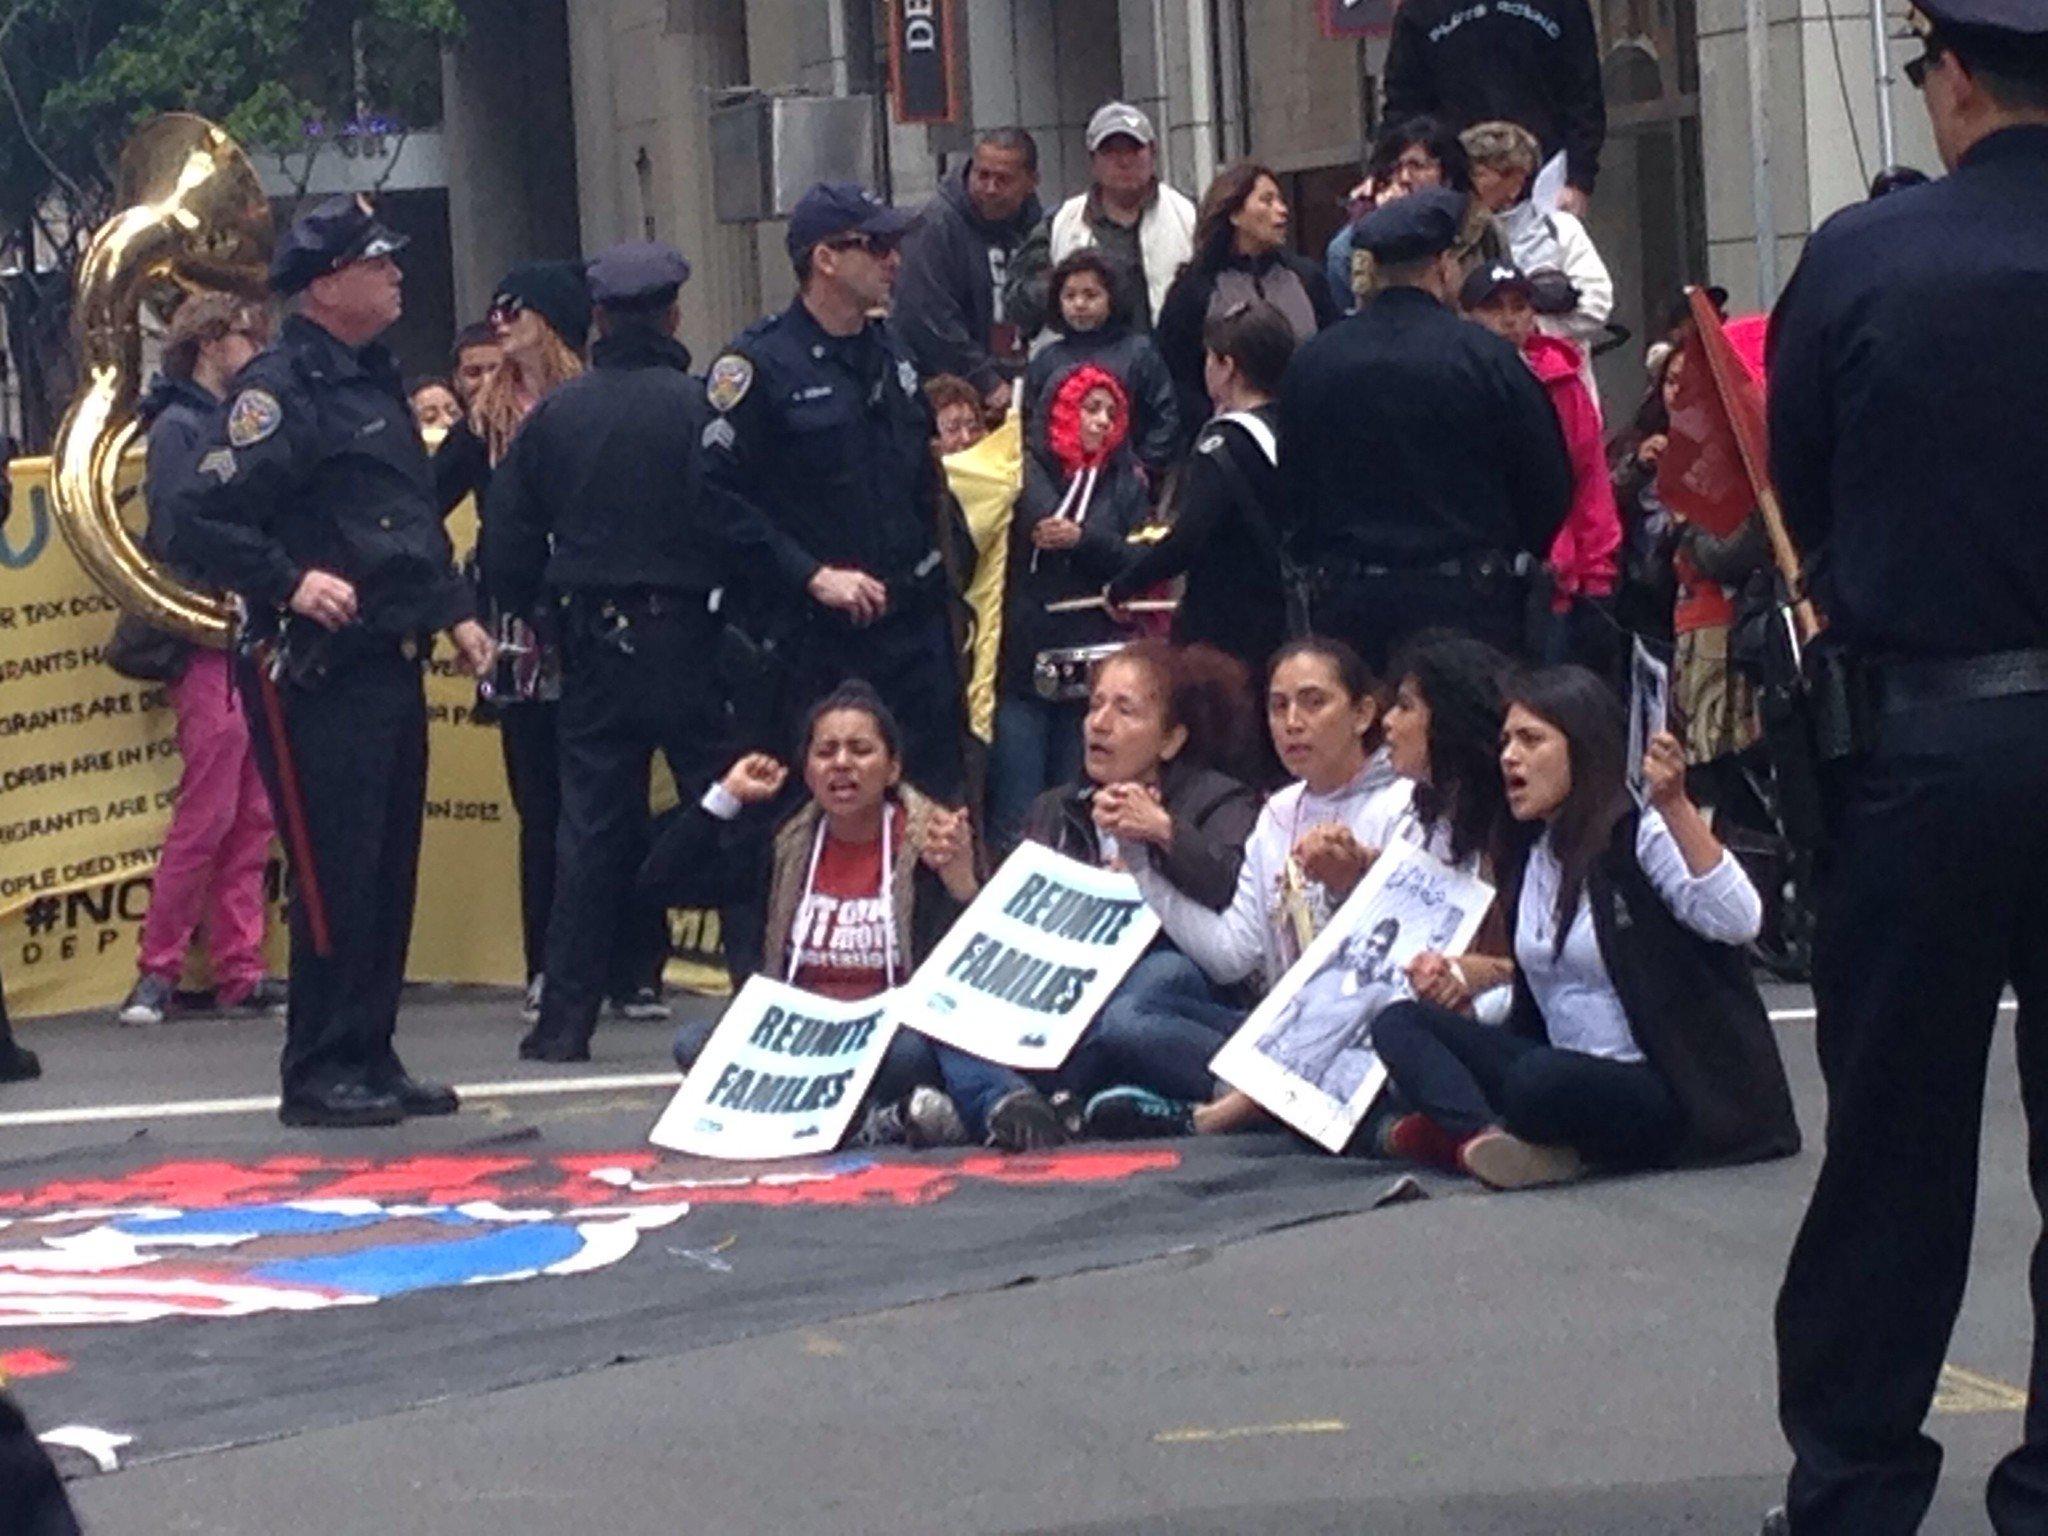 Демонстрация иммиграции и депортации в центре Сан-Франциско в пятницу, апрель 4th, 2014, на пересечении улиц 100 в Монтгомери. Улица 100 Montgomery там, где сейчас ок. Рассматриваемые дела 24,000 и иммиграционные залы 13. Демонстранты говорят, что по крайней мере 2 миллионов человек были депортированы. (Фото: Дина Бойер)